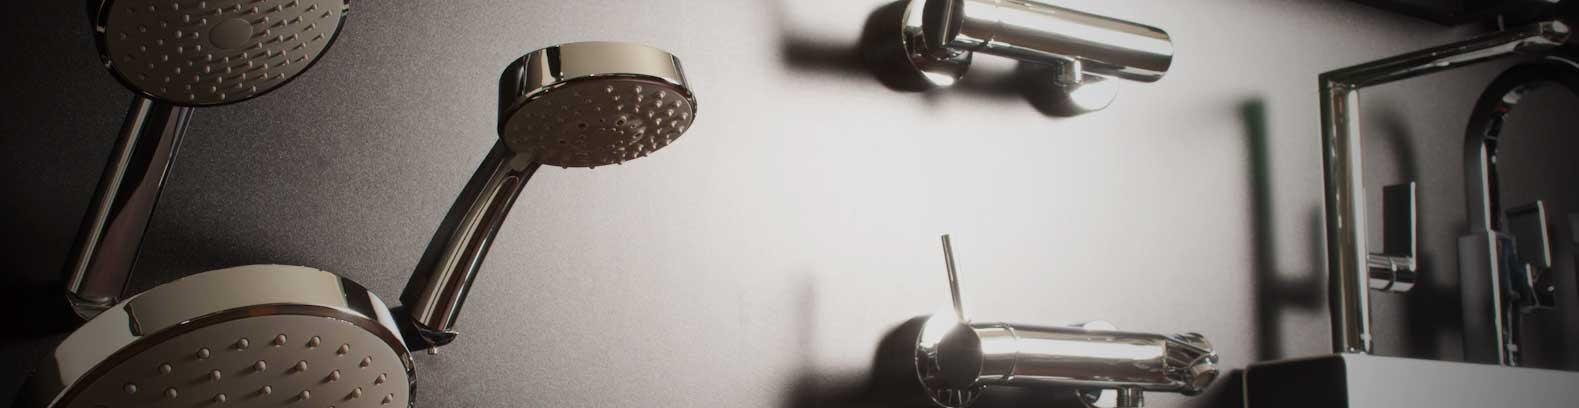 producto-ducha